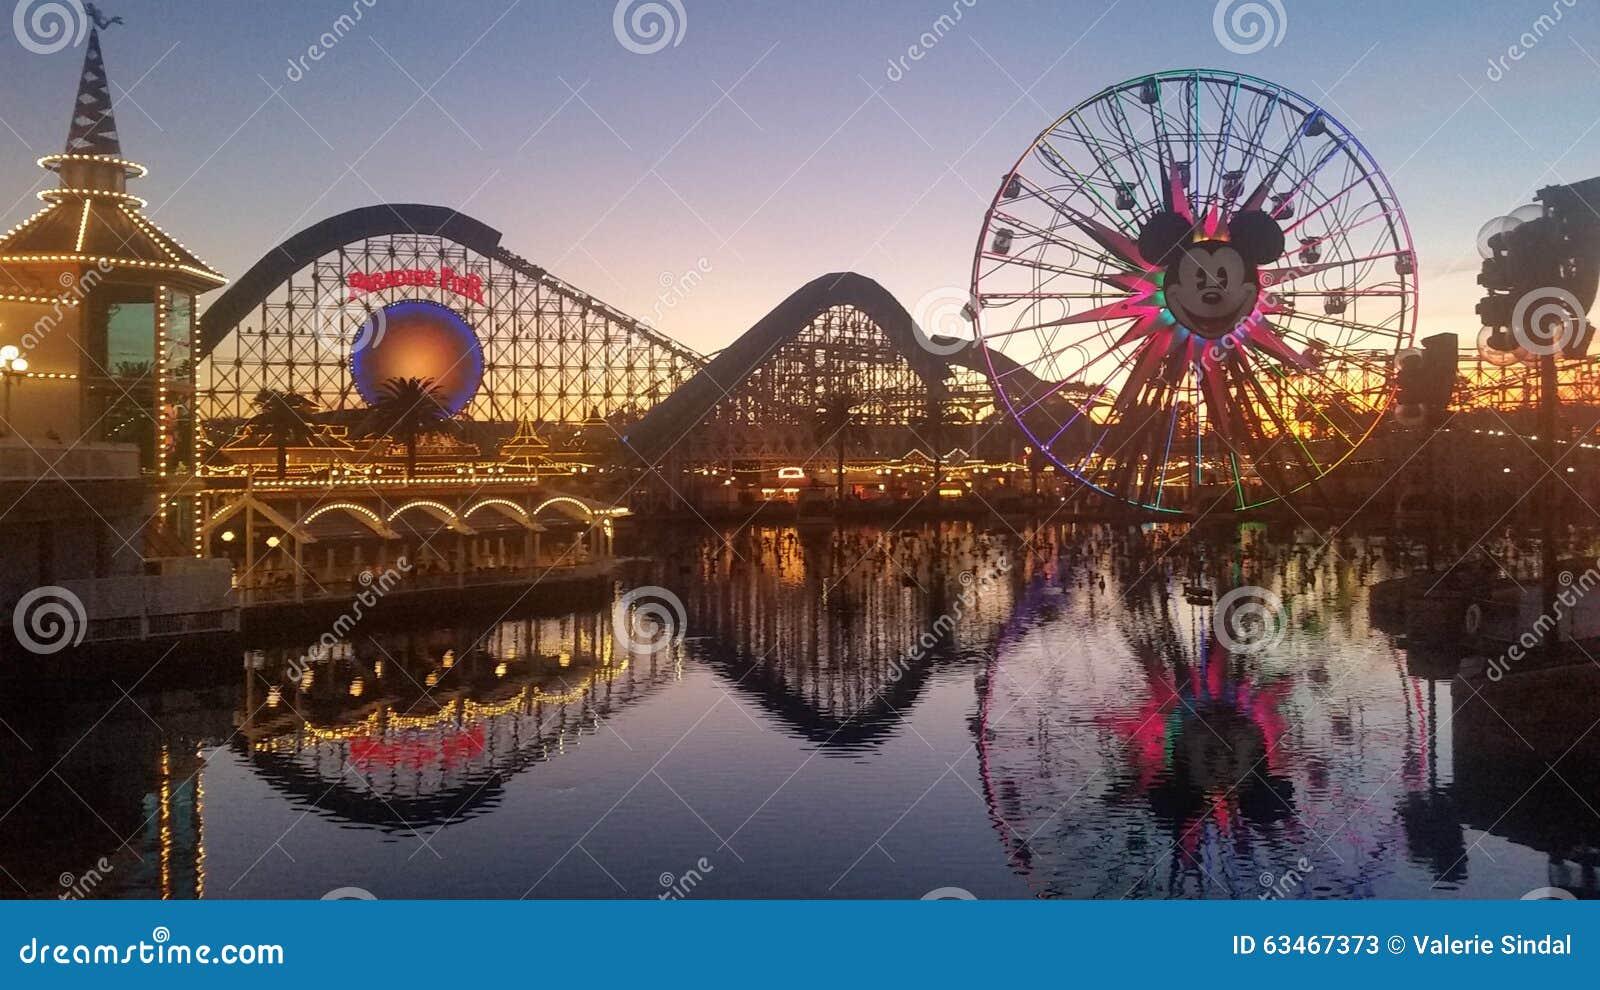 California Adventure Park in December